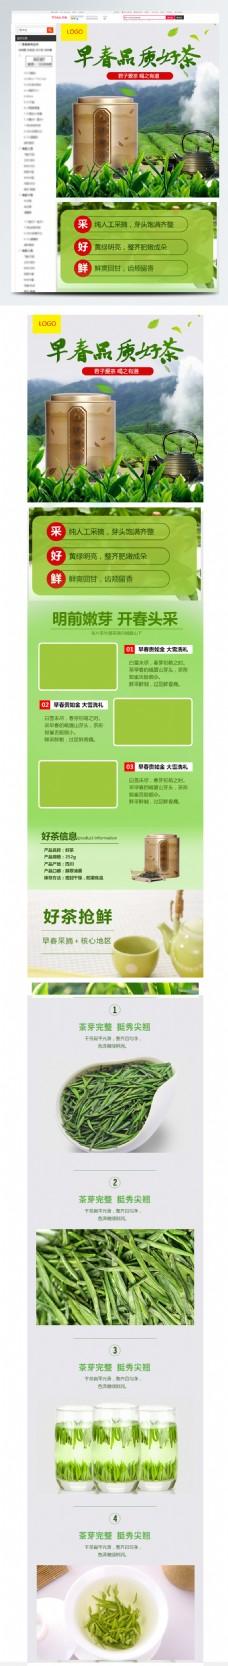 茶叶淘宝促销详情页模板